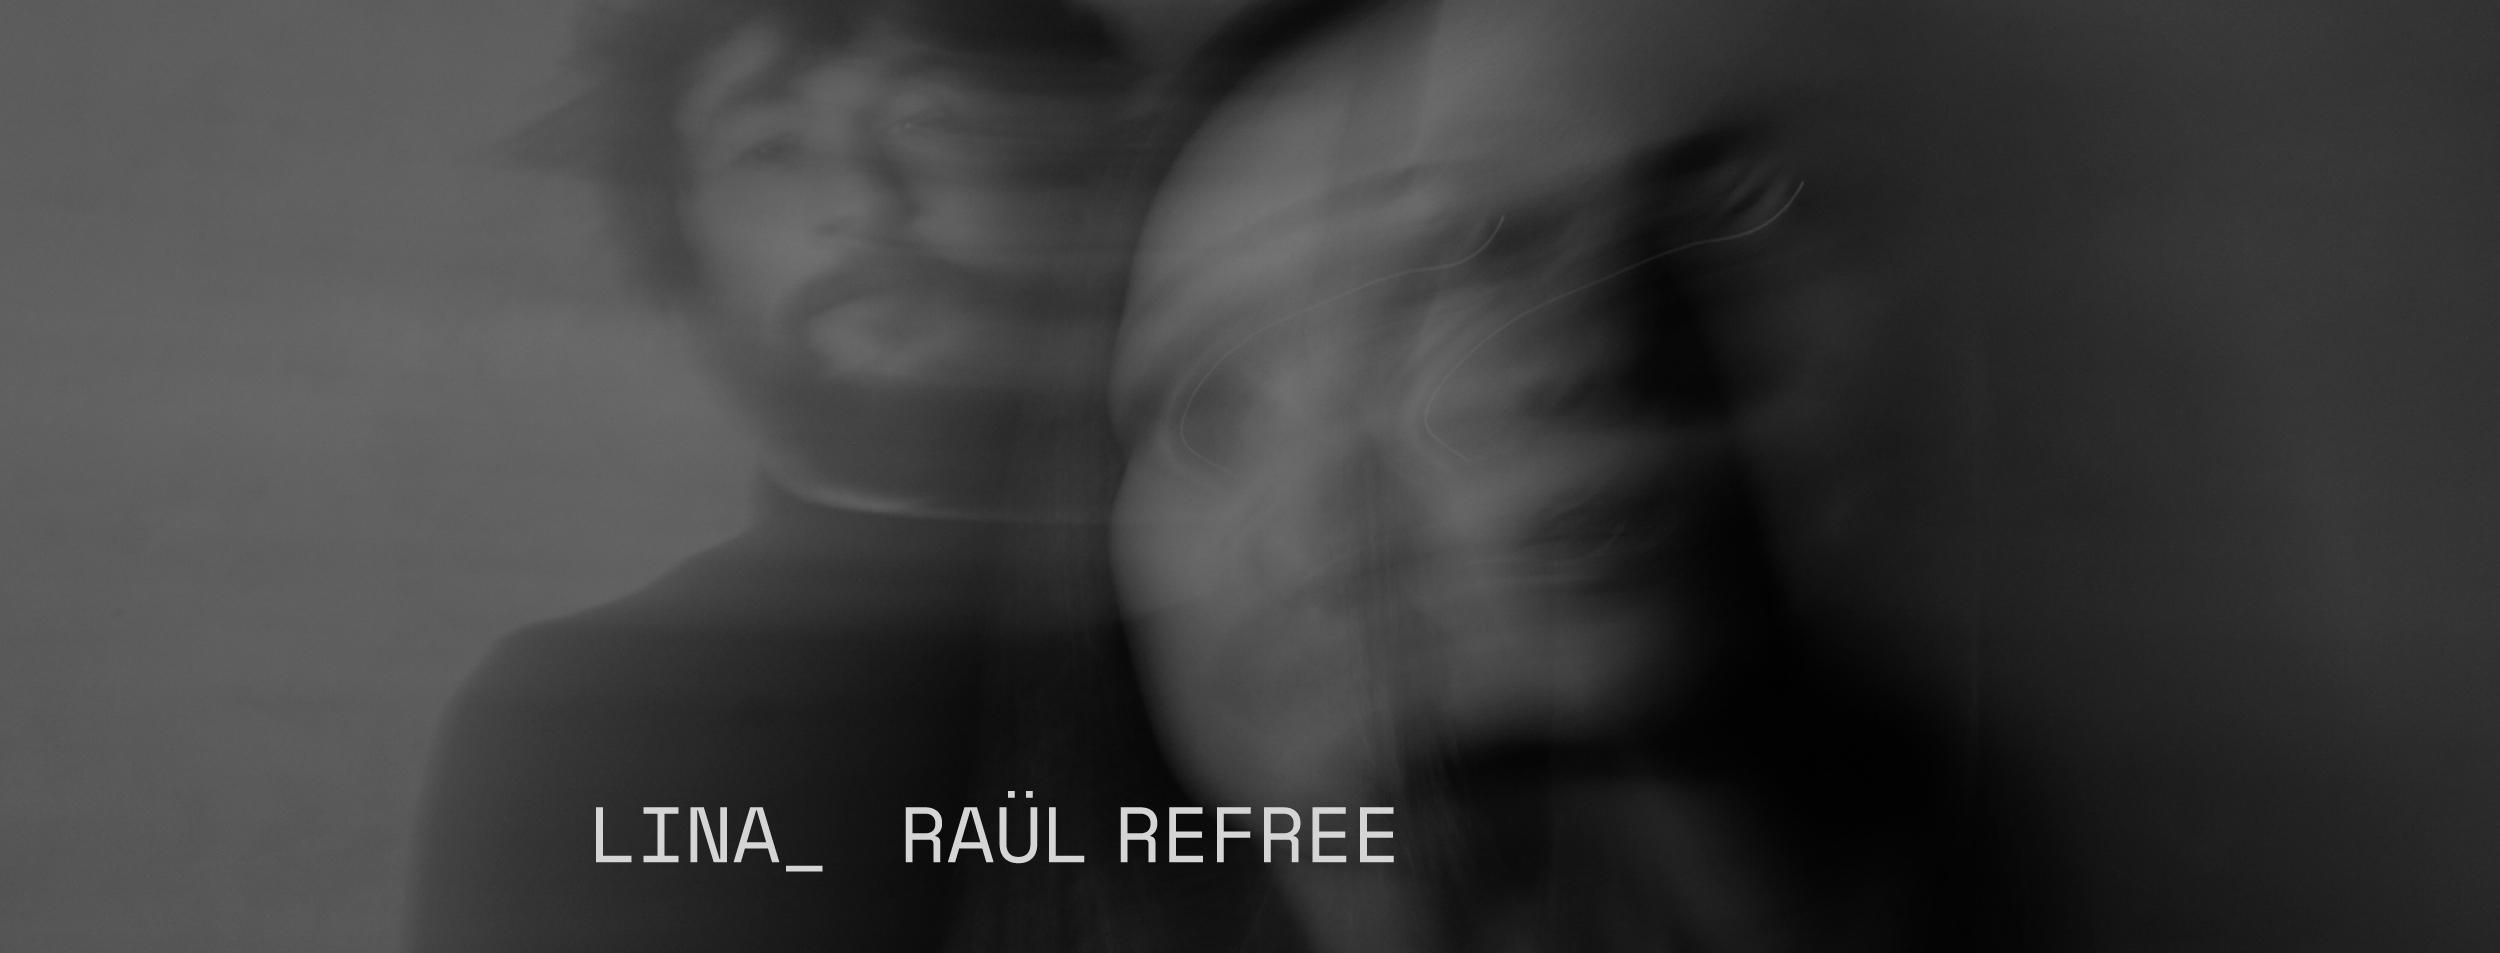 LINA_RAÜL REFREE AT Ciclo Warm Up